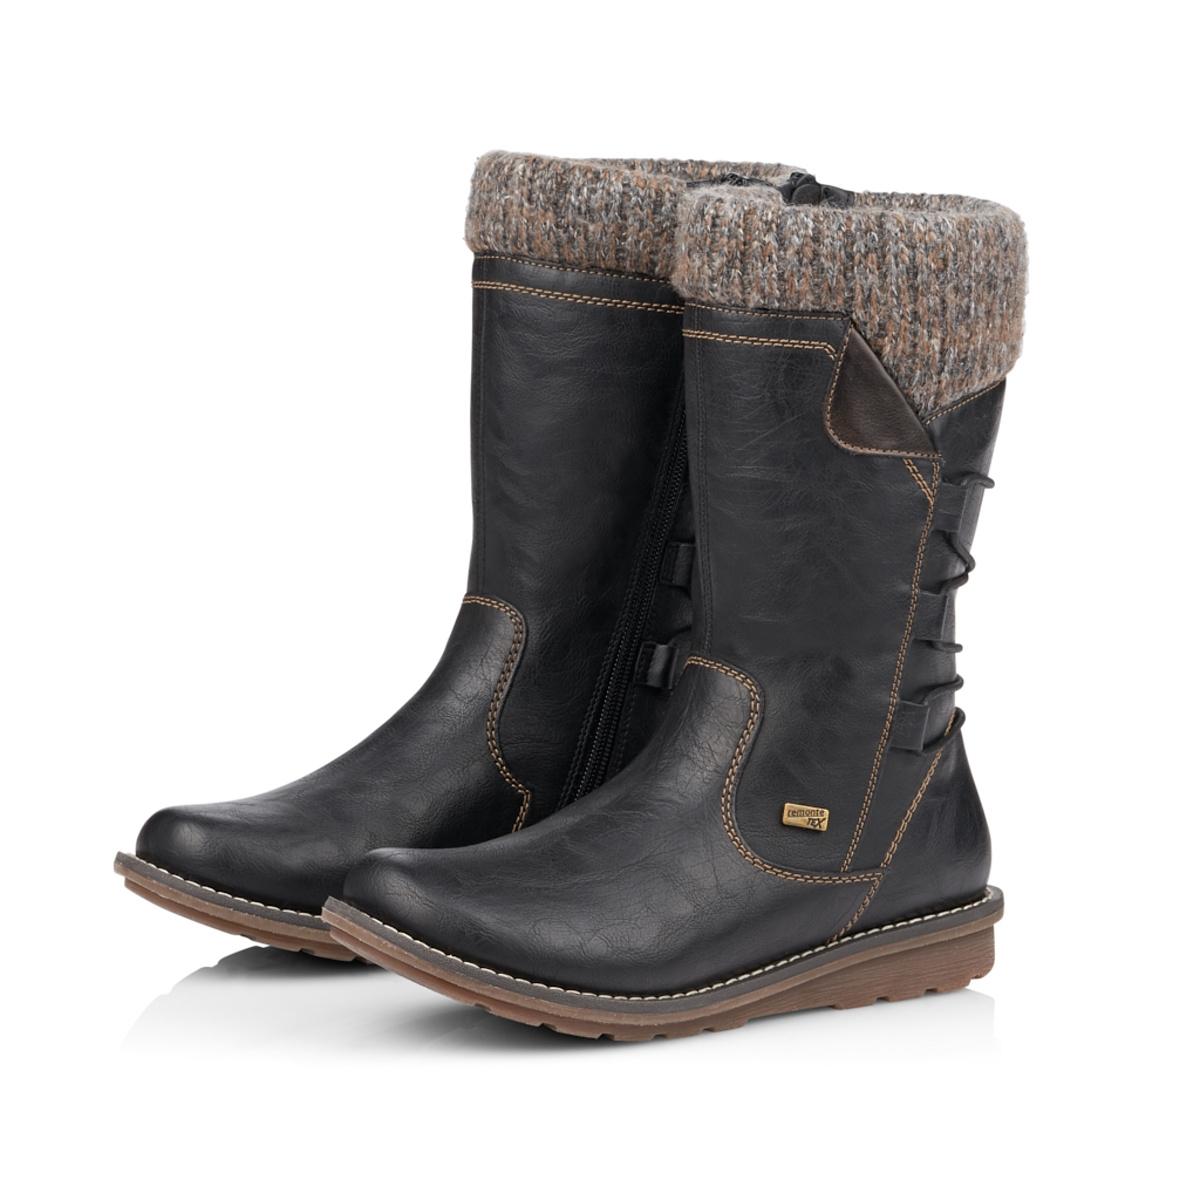 detail Dámska obuv RIEKER - REMONTE br R1094 02 SCHWARZ KOMBI H  4cb0321845e